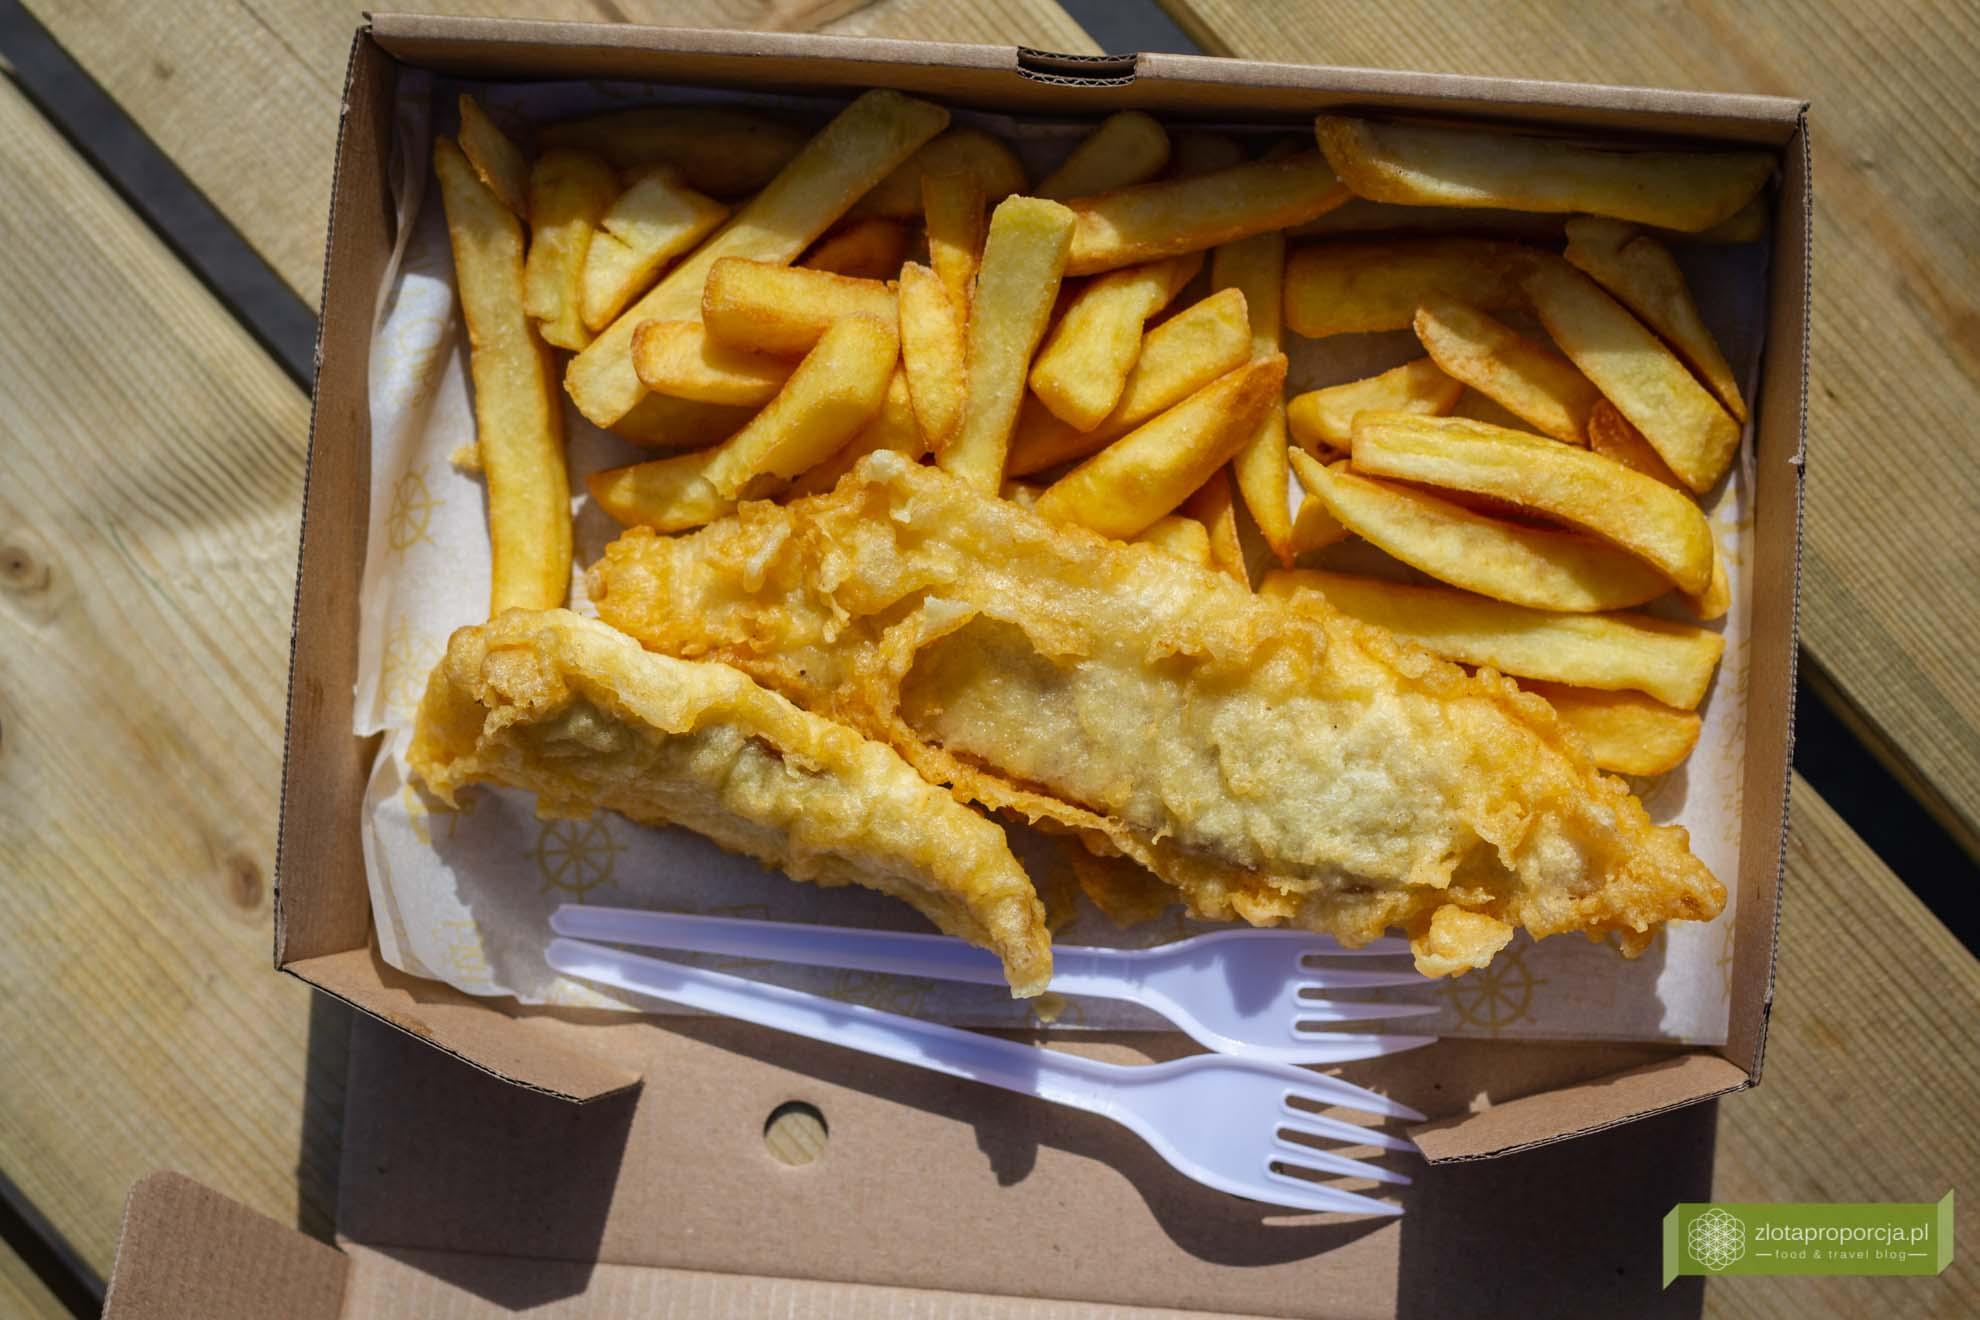 kuchnia islandii, kuchnia islnadzka, islandzkie potrawy, co zjeść na Islandii; islandzkie specjały; fish and chips islandia;